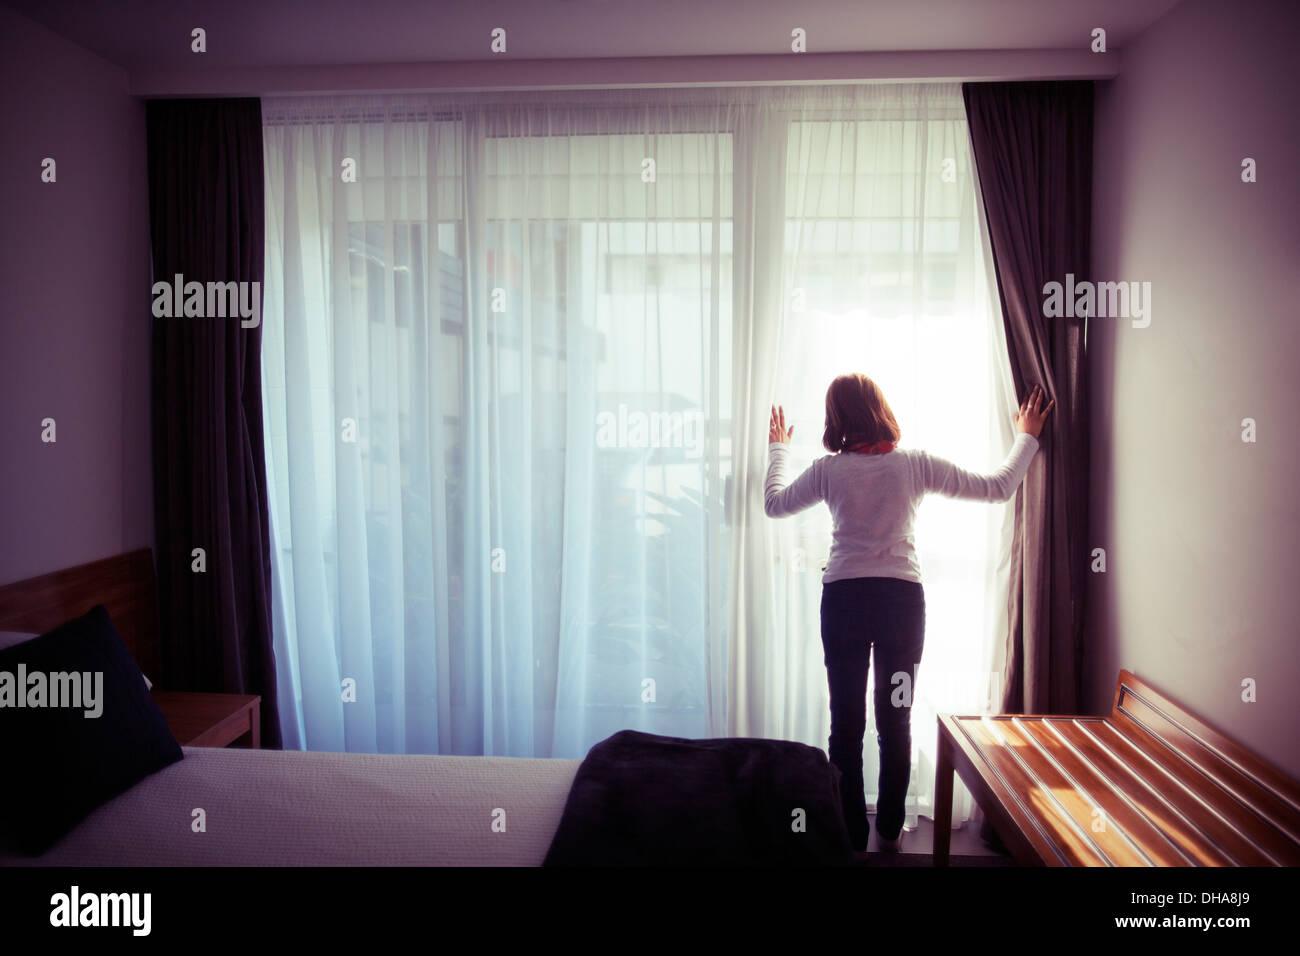 Mujer mira fuera del dormitorio puertas de vidrio Foto de stock